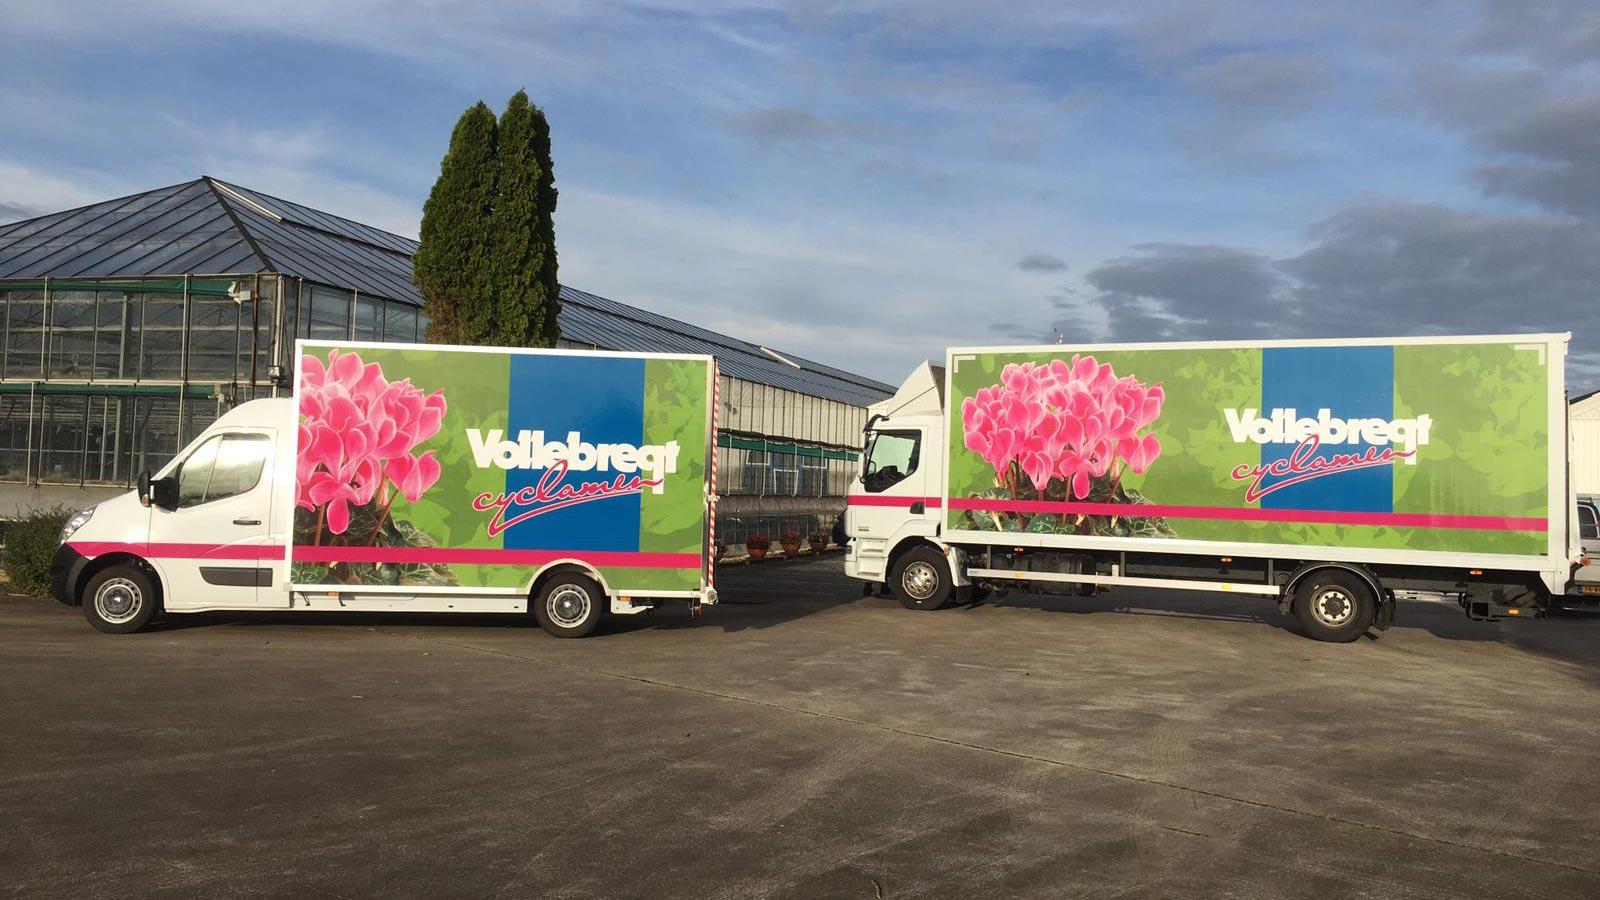 Van Riemsdijk Reklame - Autoreklame - Vollebregt Cyclamen - Vrachtwagens